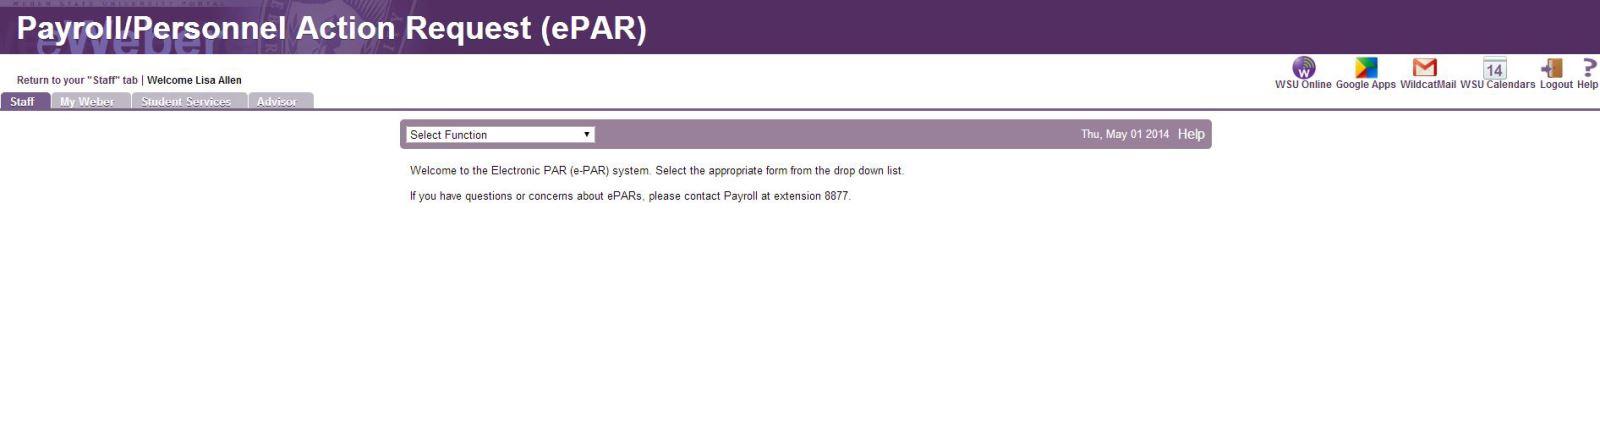 ePAR example one